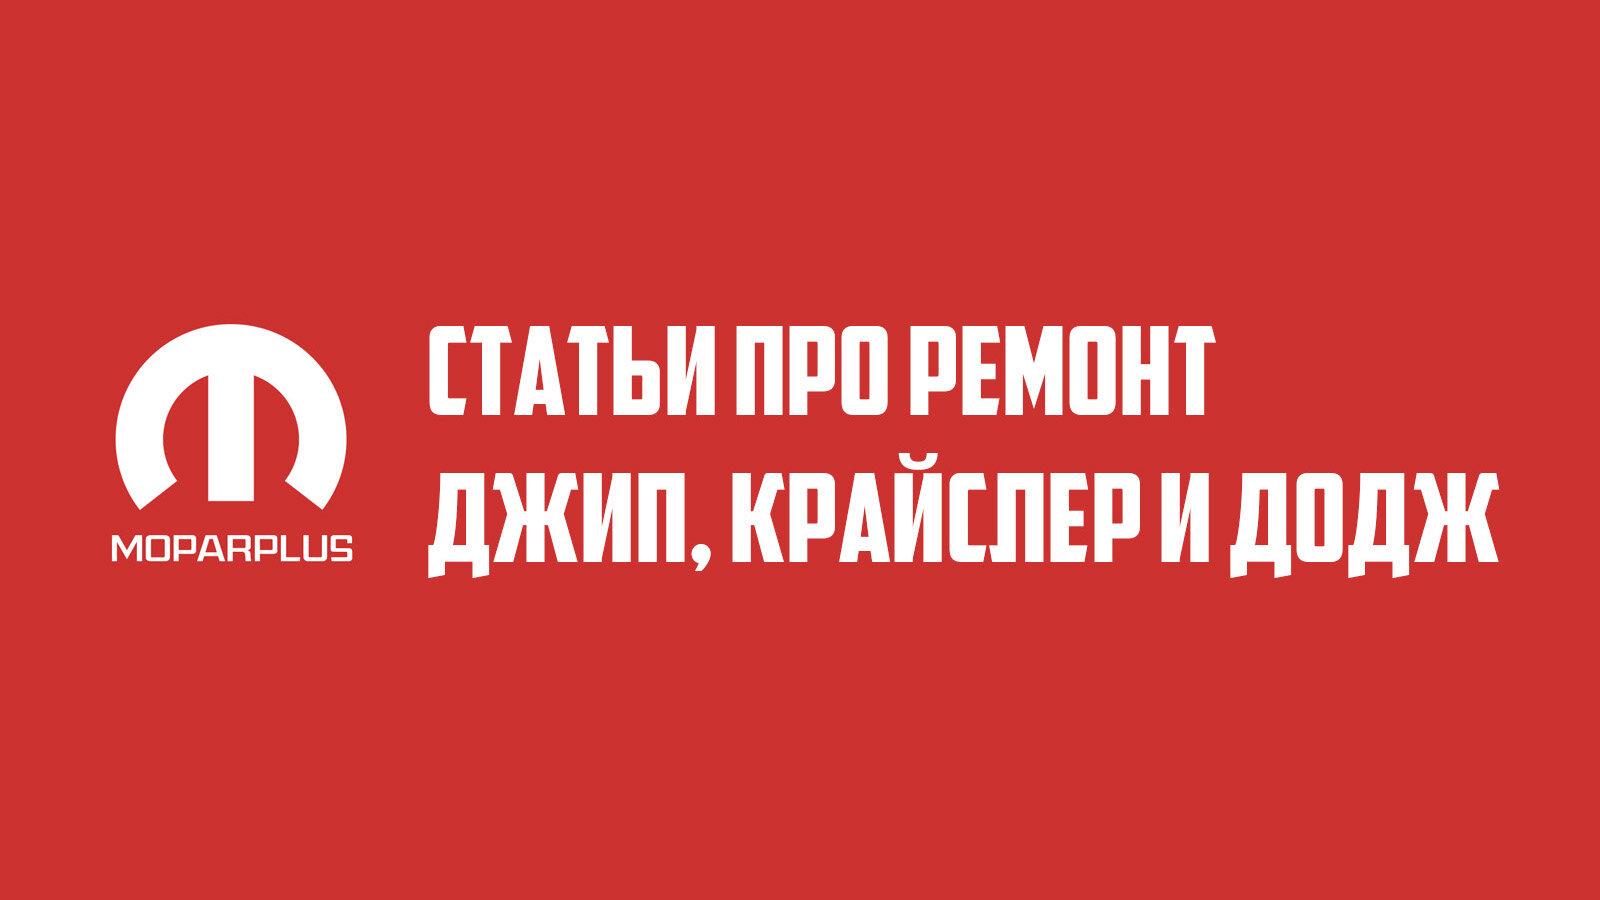 Статьи про ремонт. Выпуск №71.